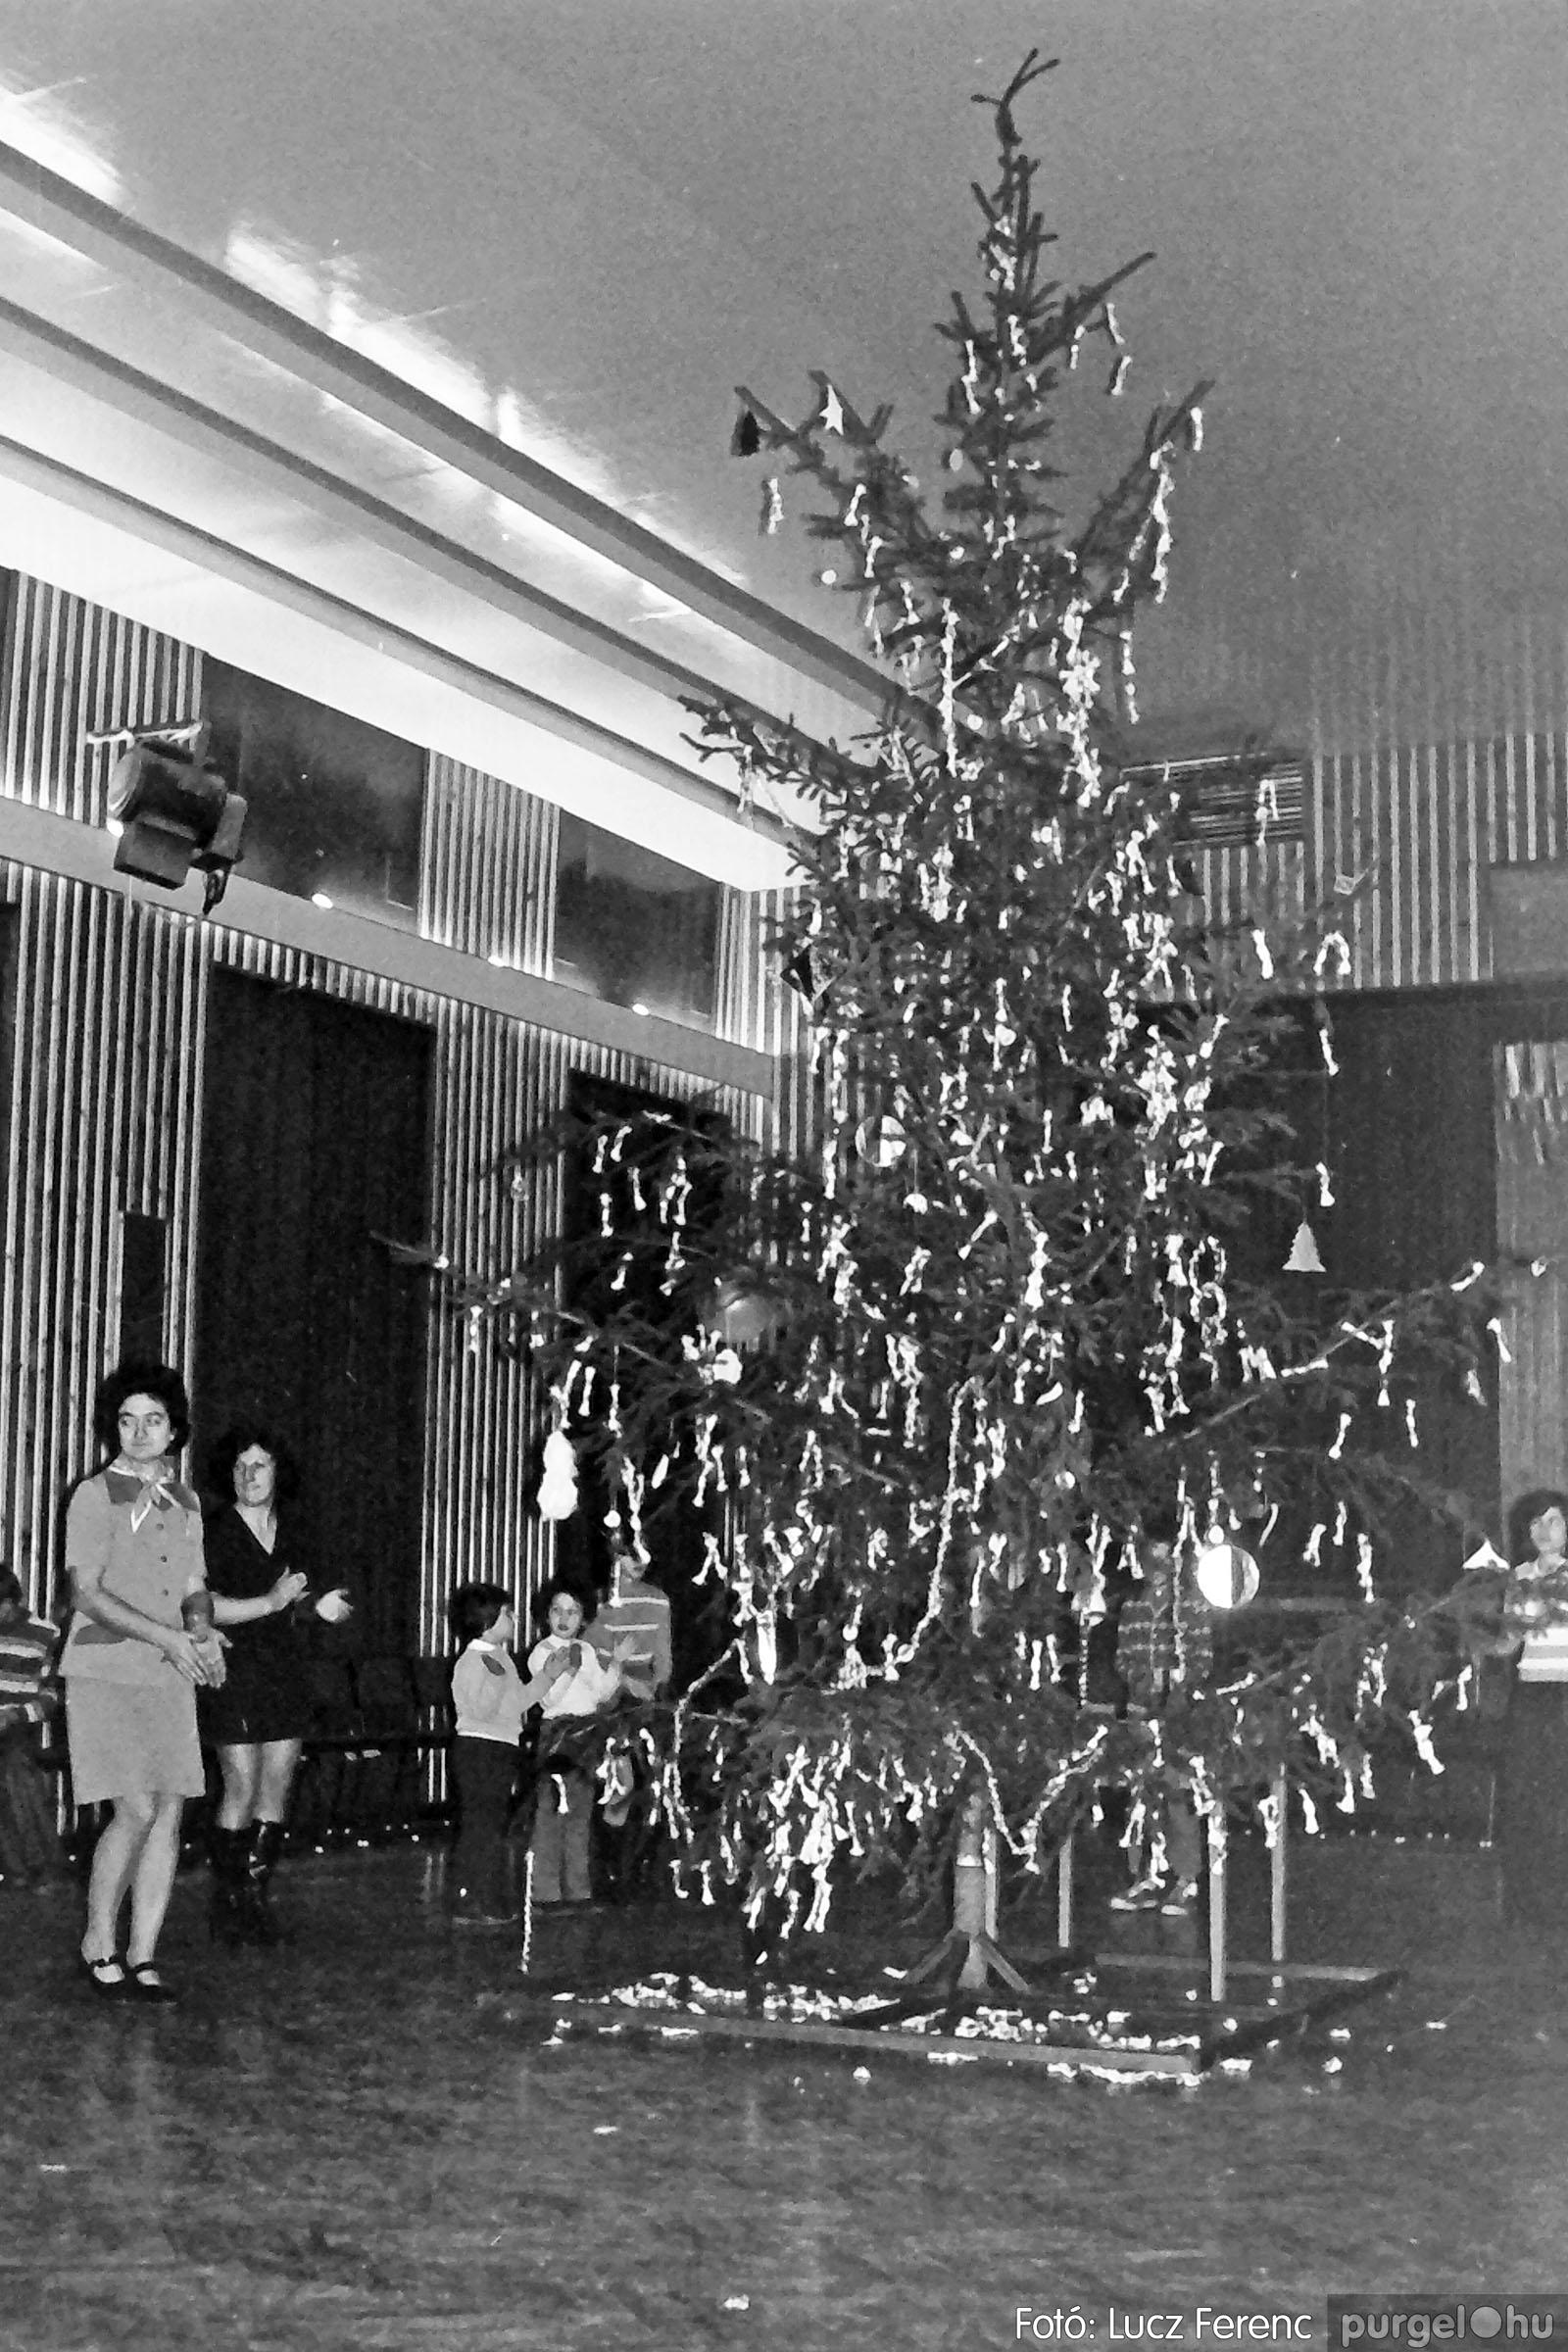 029 1975. Karácsonyi ünnepség a kultúrházban 010 - Fotó: Lucz Ferenc.jpg